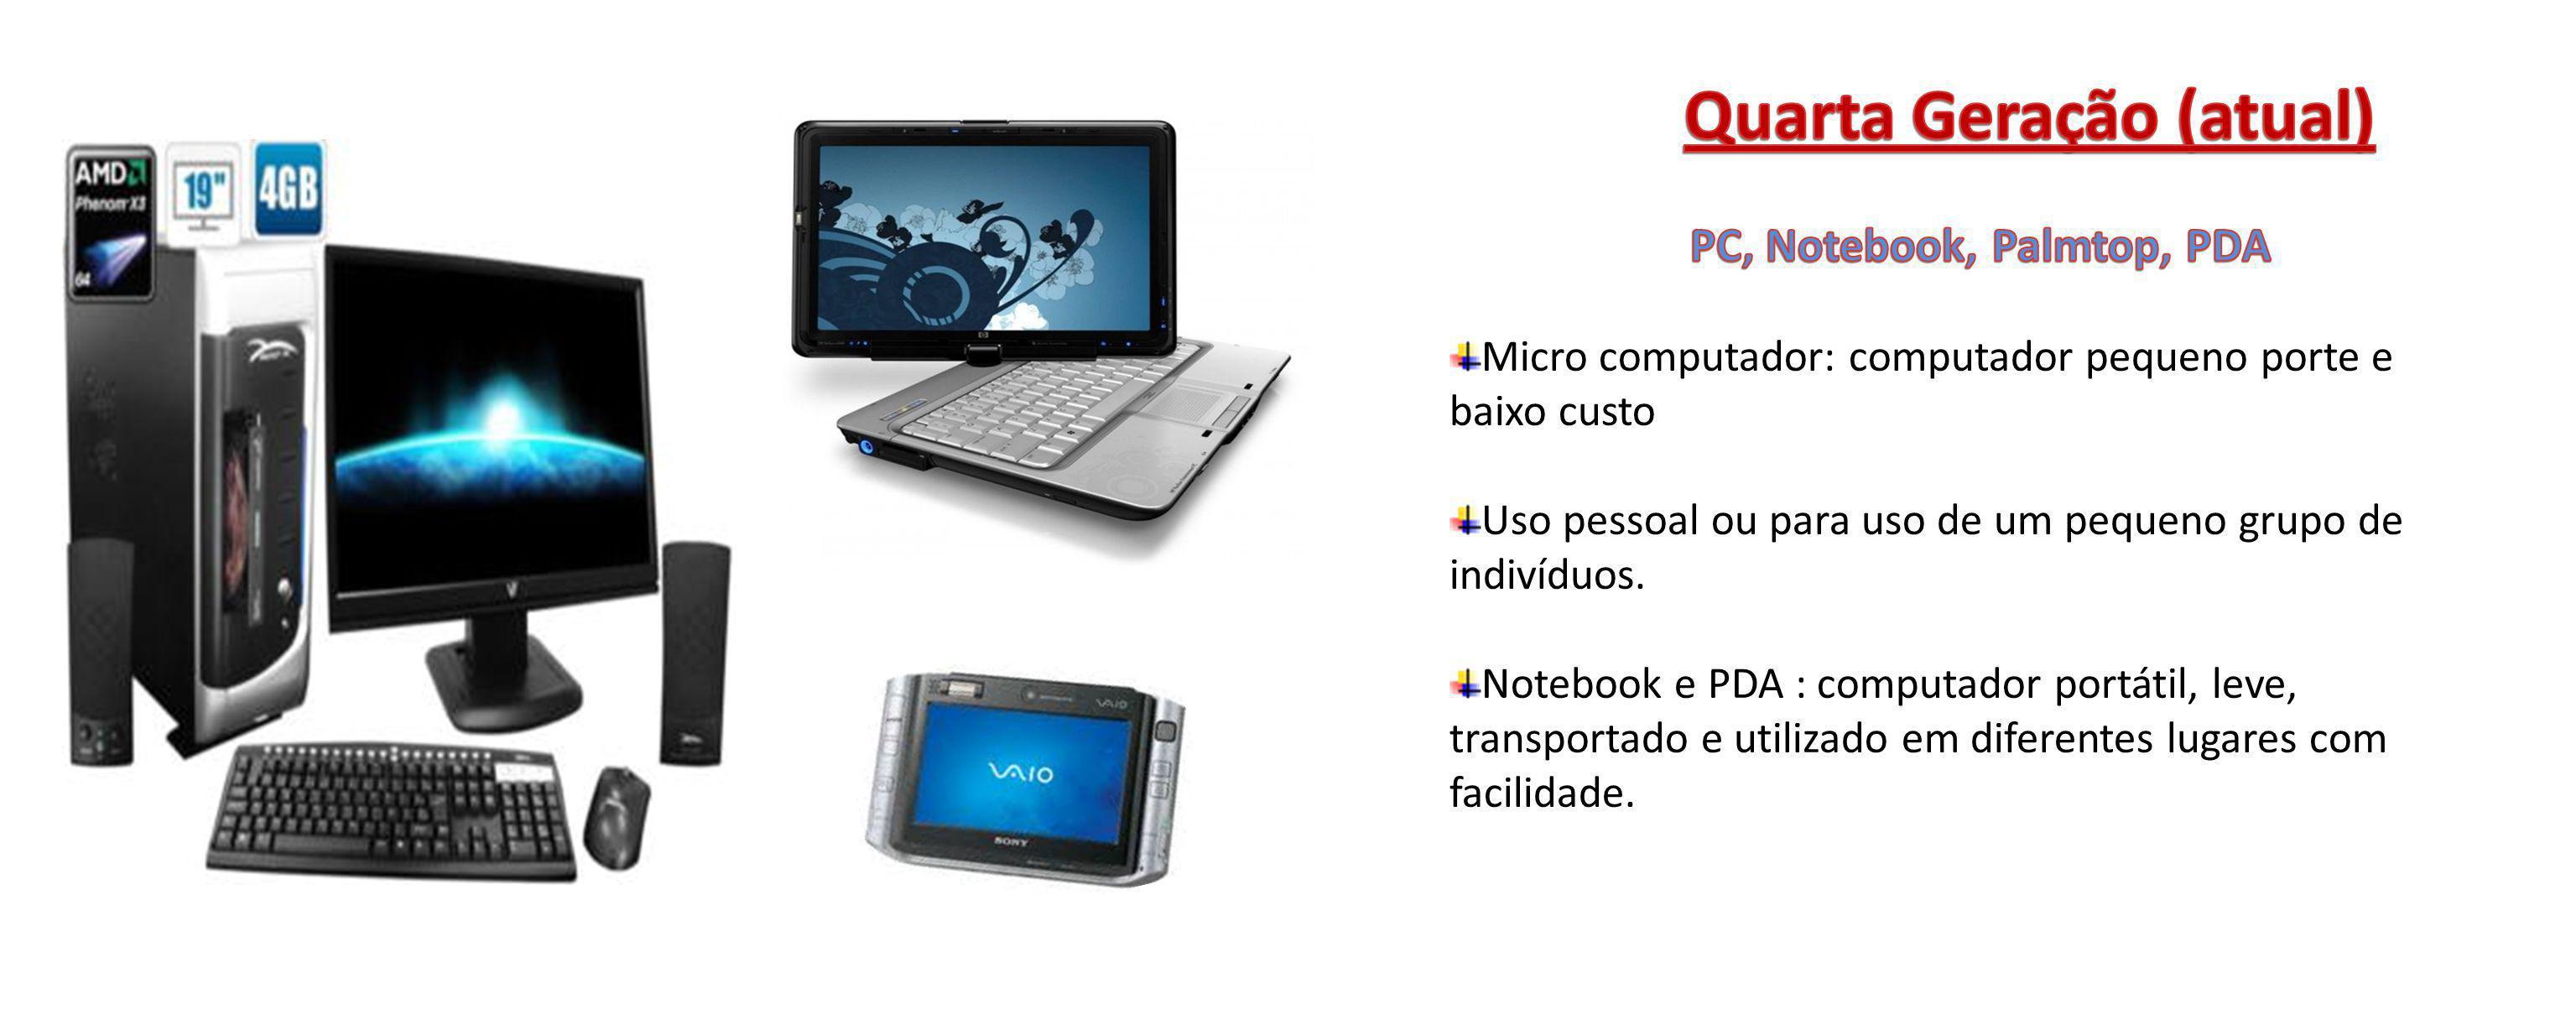 Quarta Geração (atual) PC, Notebook, Palmtop, PDA